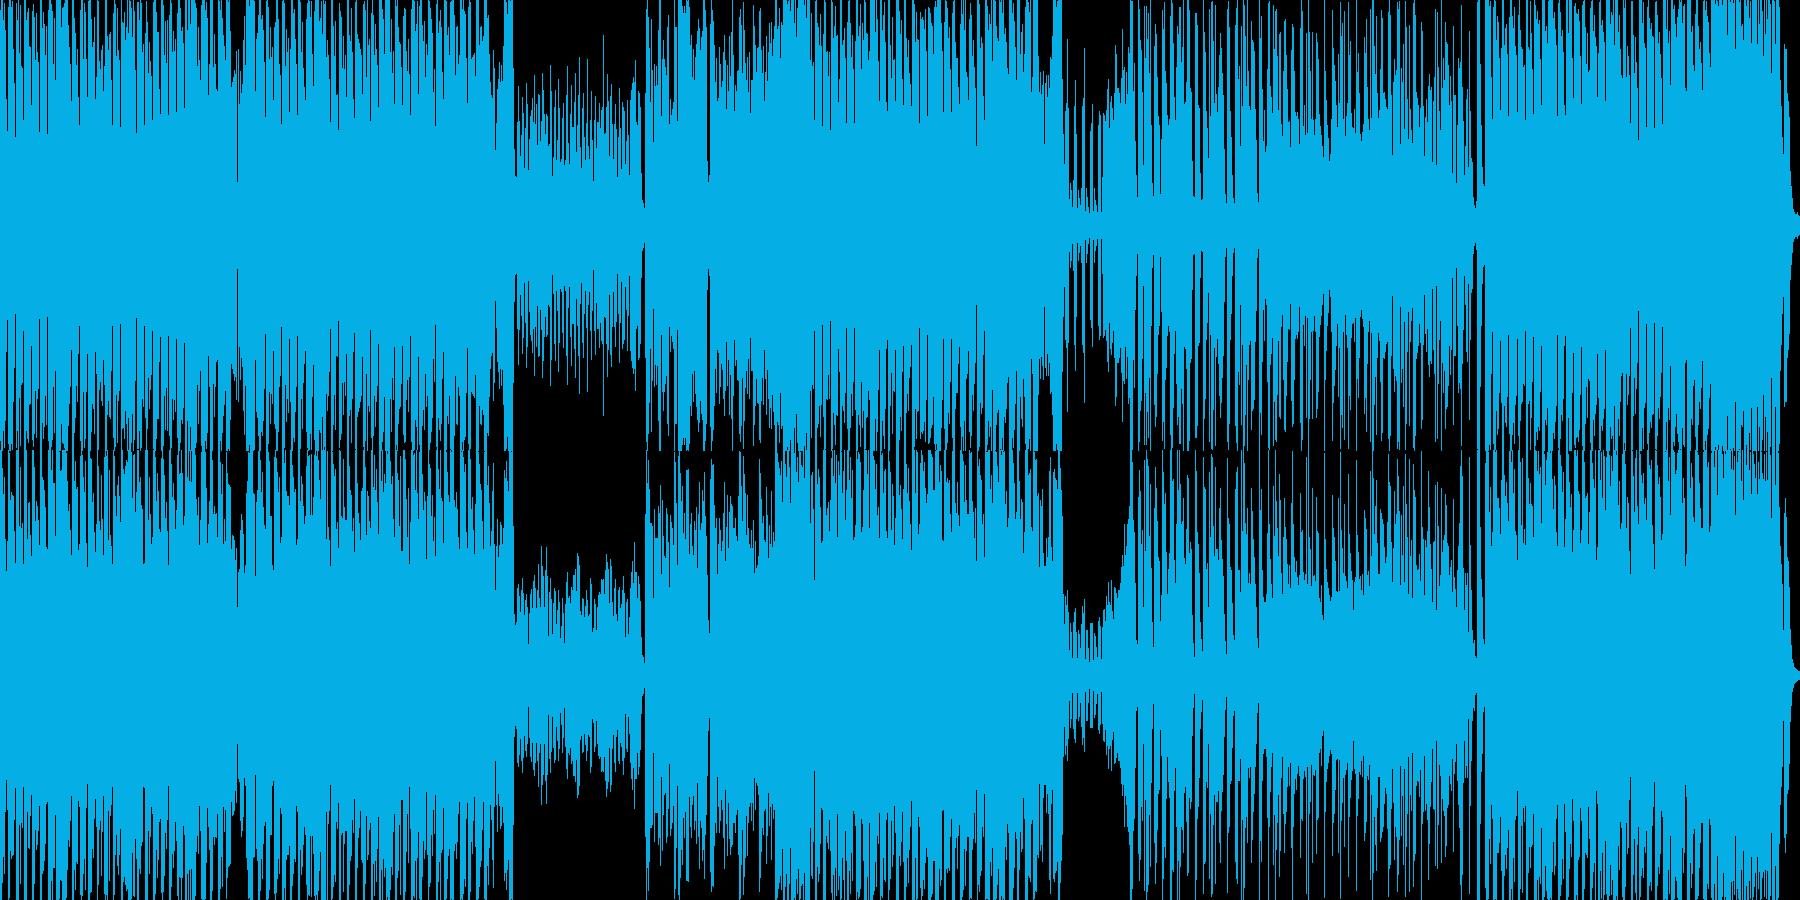 カルメン/ポップアレンジの再生済みの波形